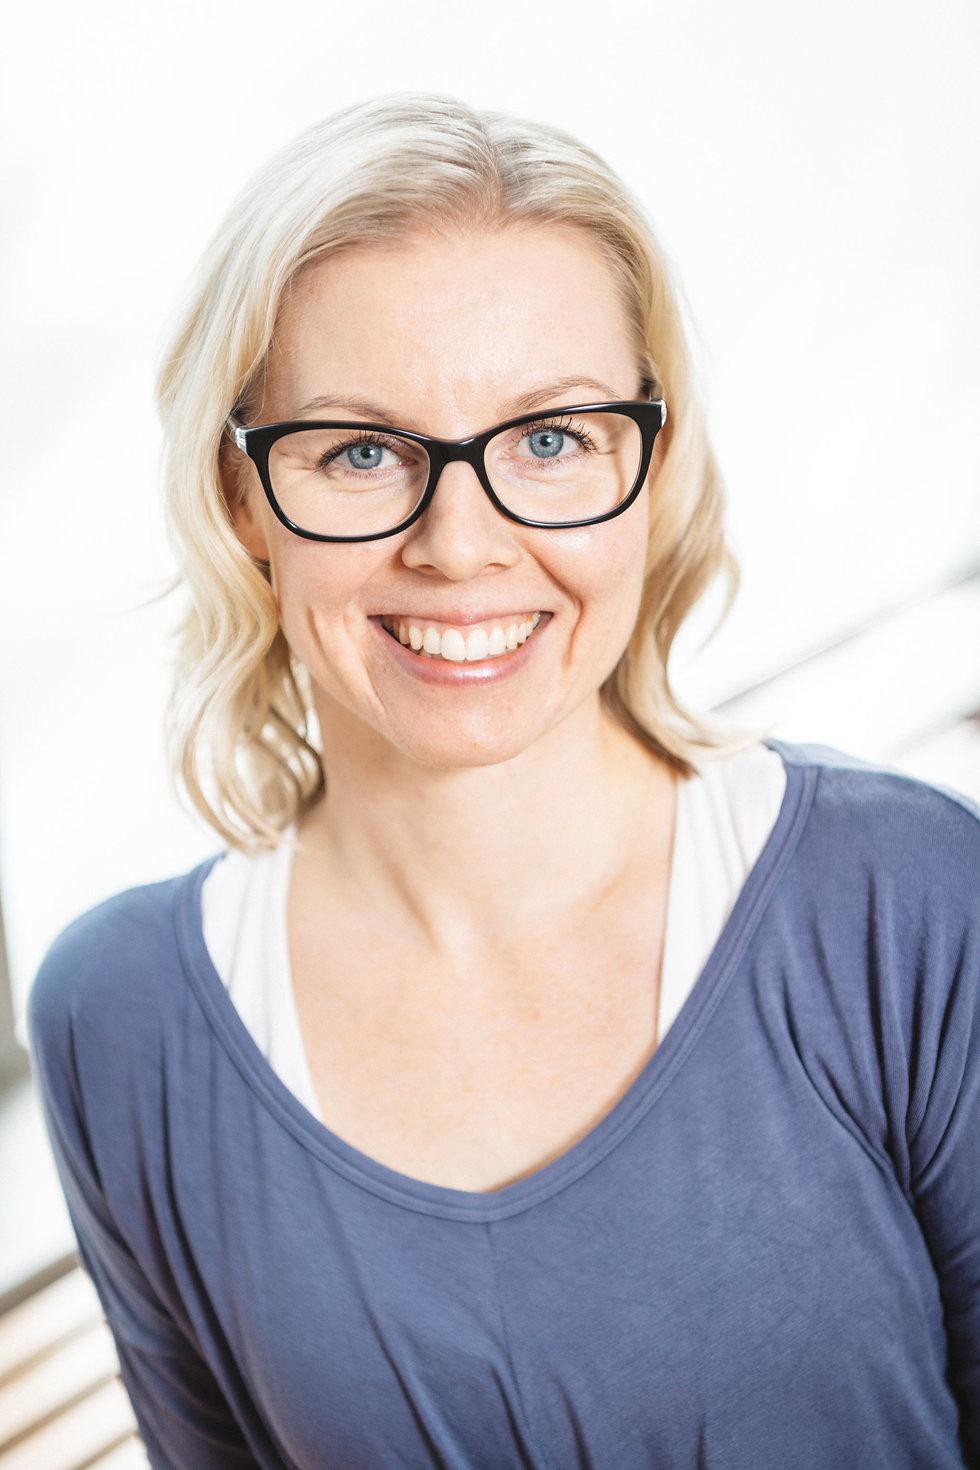 Method Putkisto, Pilates, Huippuliikkuja, Kasvoklinikka ja kävelyn taito -ohjaaja Anniina Ojala Joutsenosta. Tunnit myös Imatralla ja Lappeenrannassa sekä etänä /online tunteina.